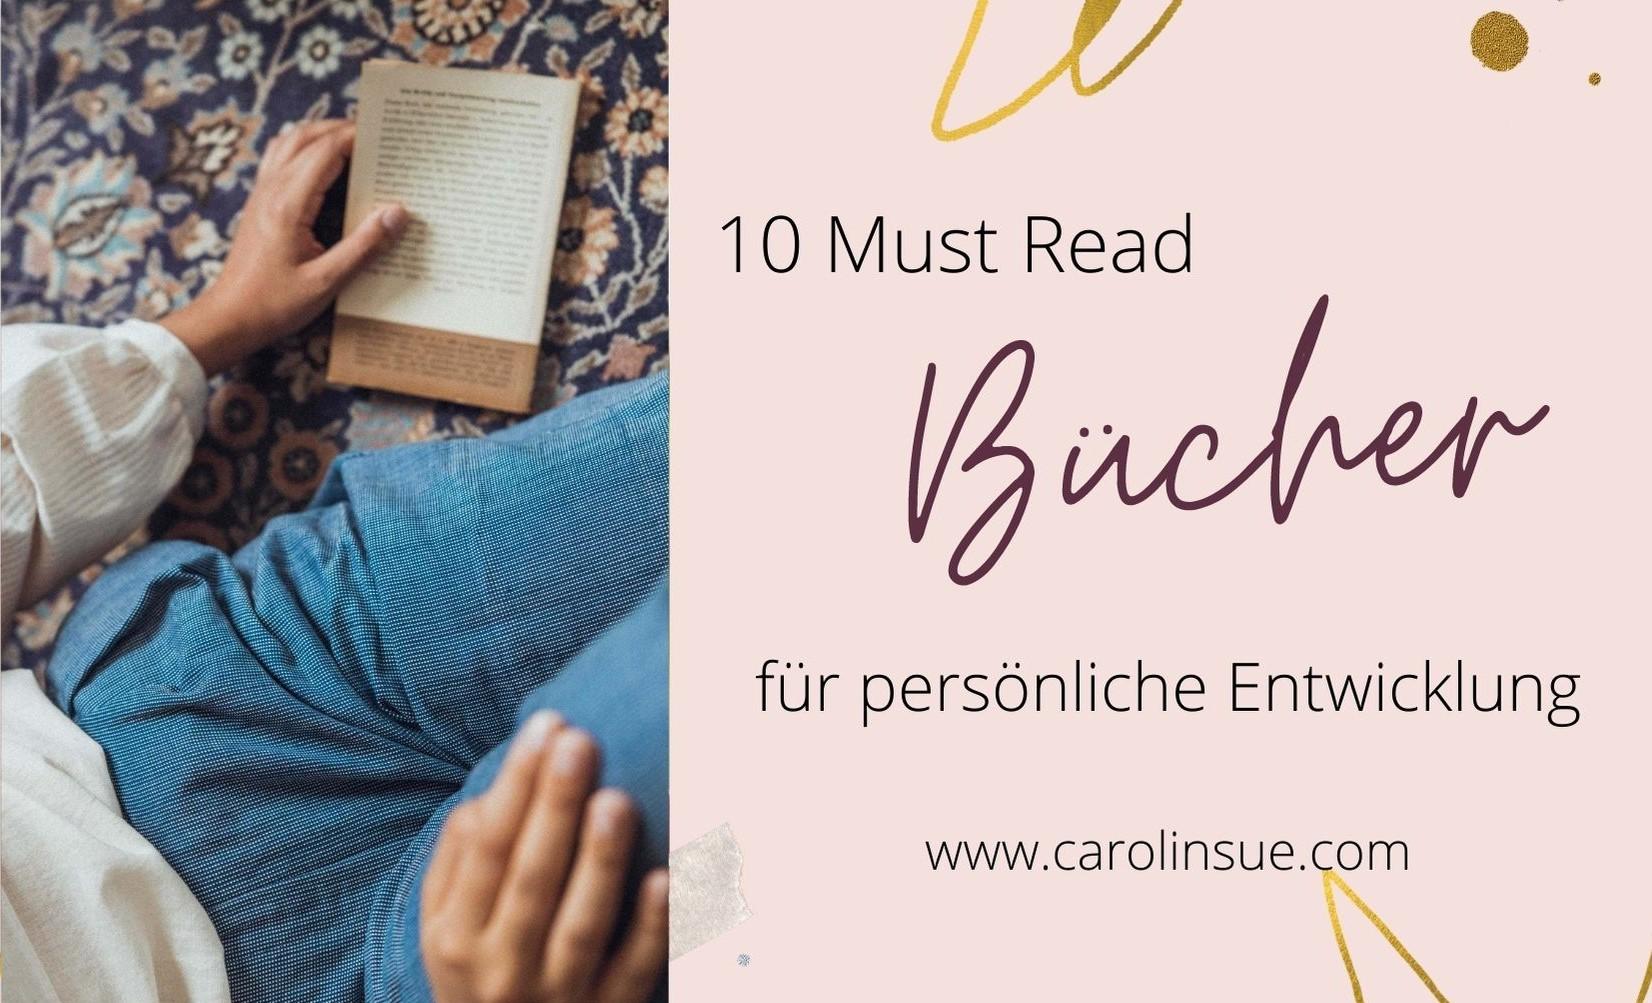 10 Must Read Bücher für persönliche Weiterentwicklung